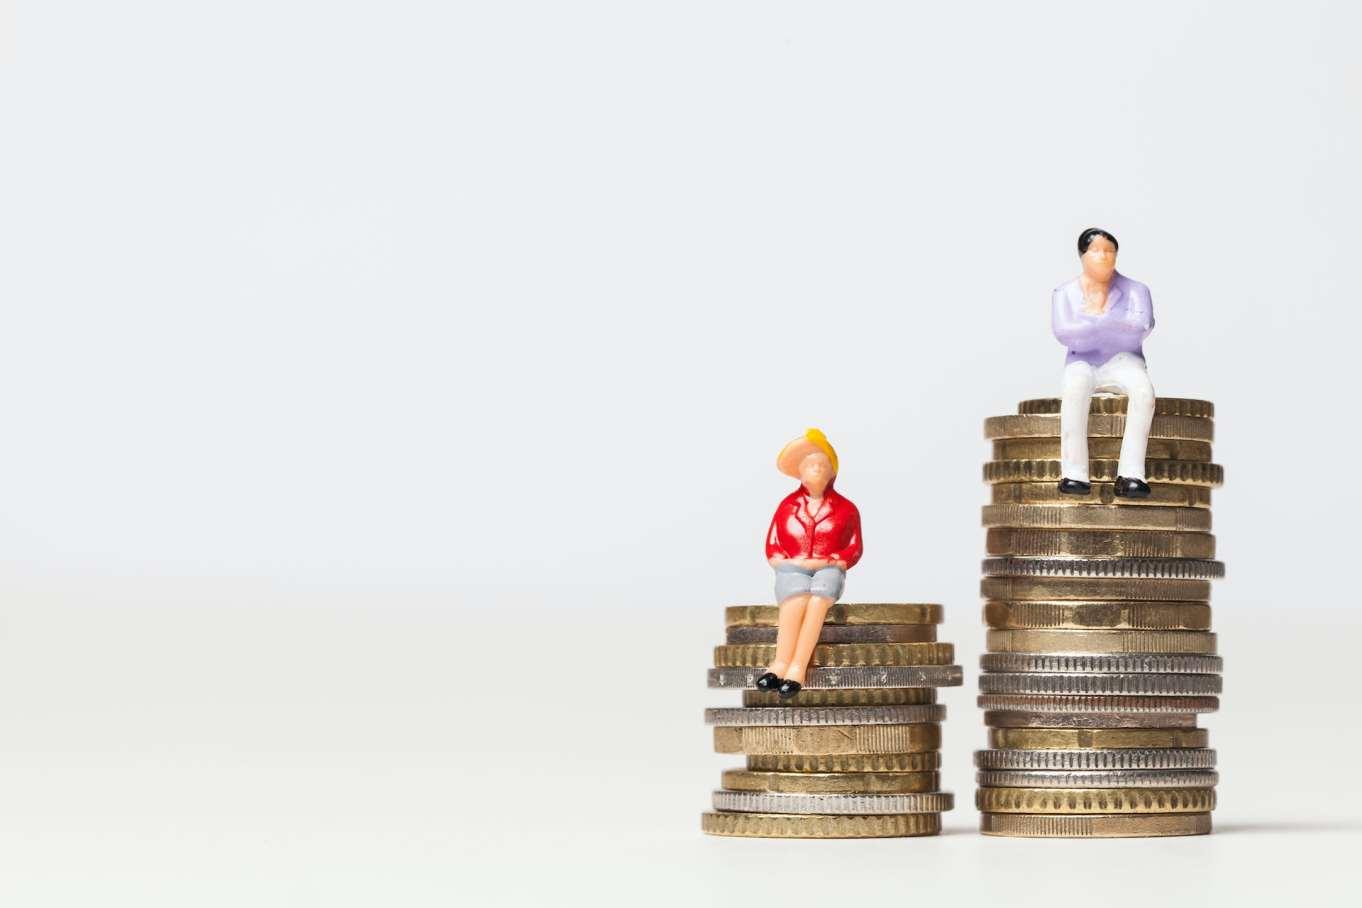 La brecha salarial existe aunque hombres y mujeres cobren igual por el mismo trabajo